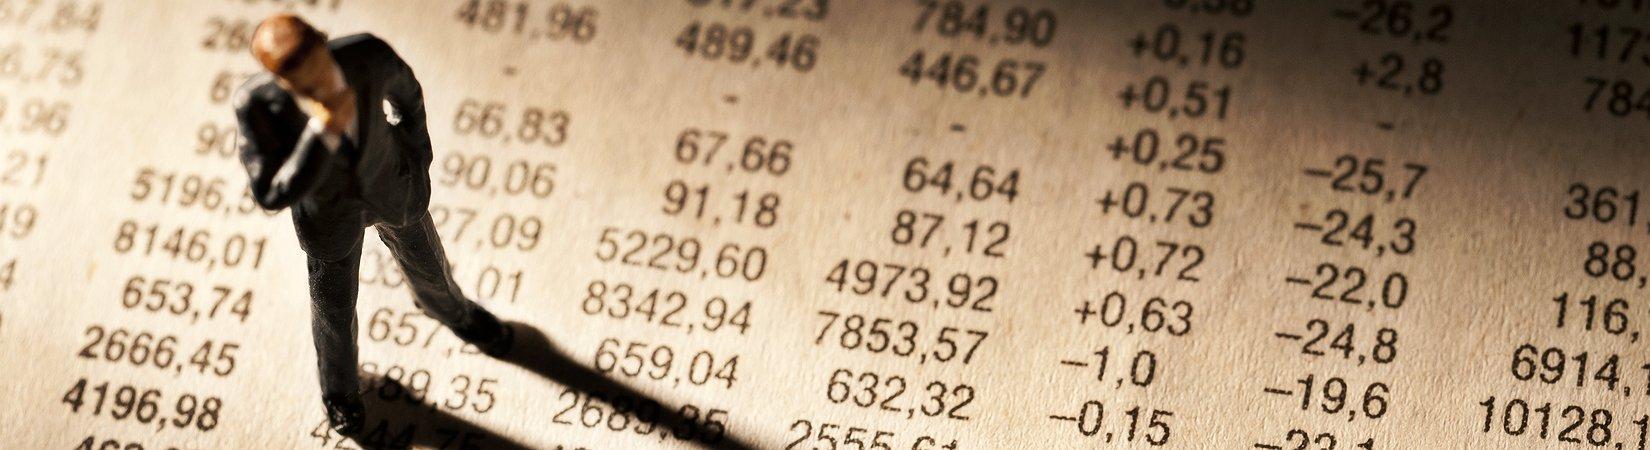 Биткоин за сутки подешевел почти на 15%